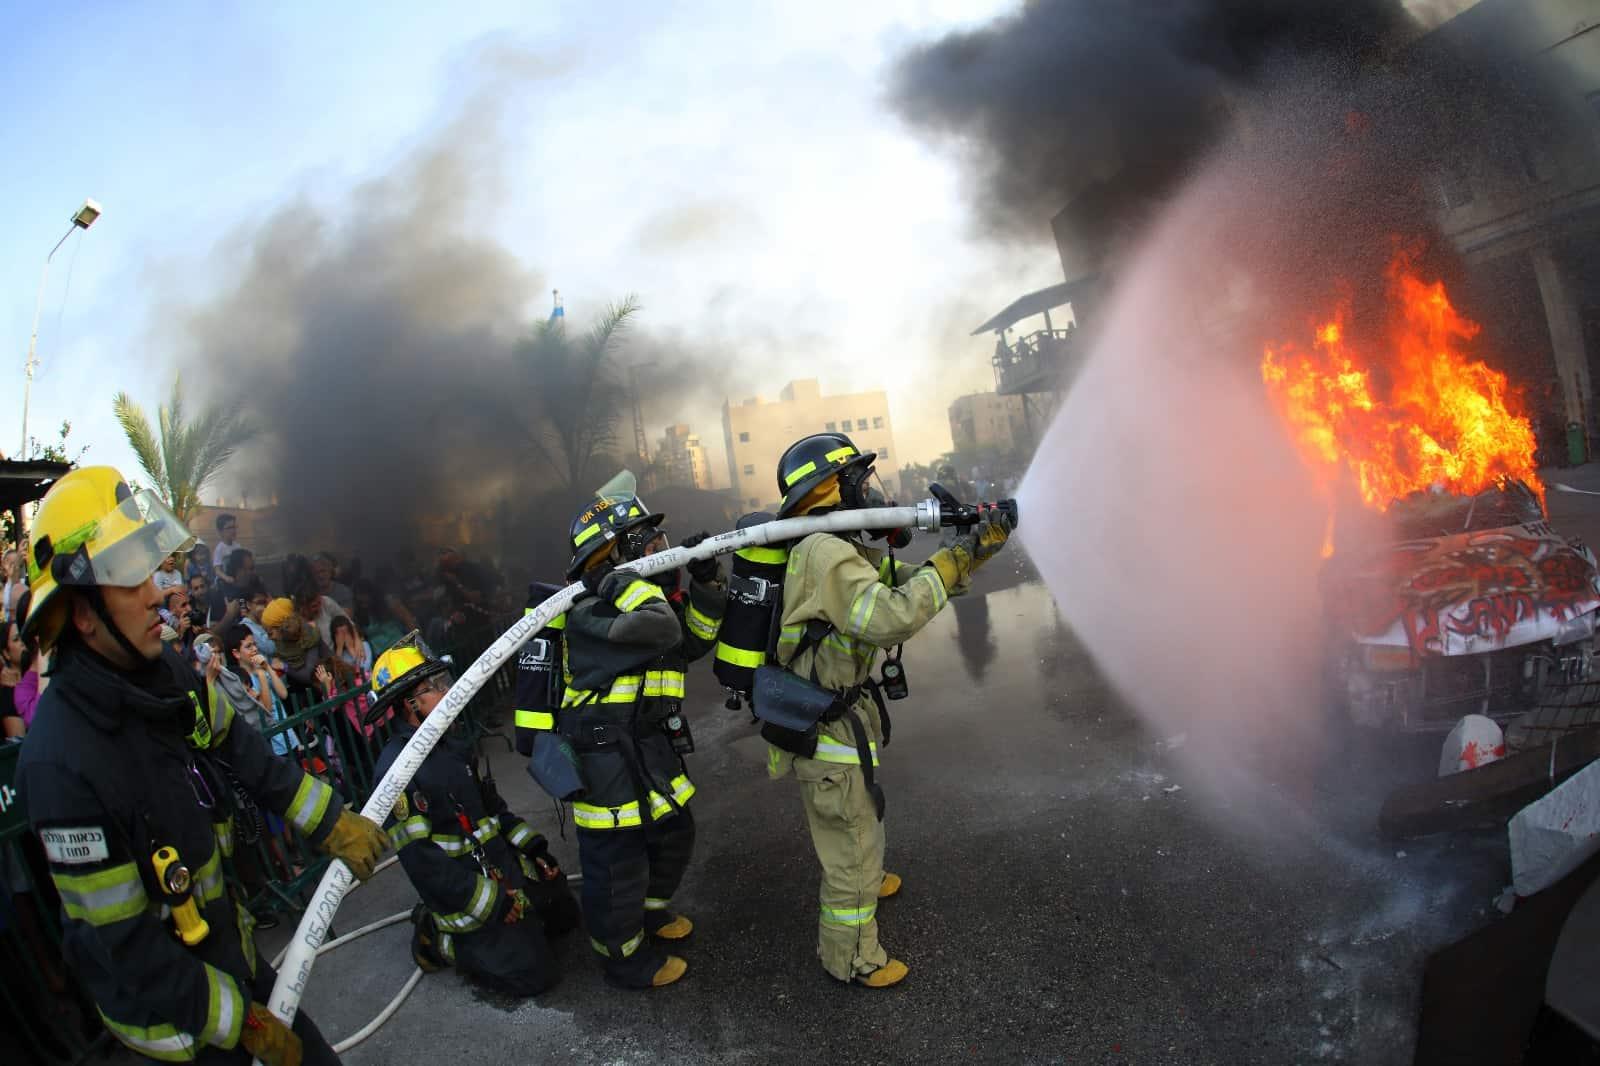 לוחמי האש בפעולה, צילום: באדיבות לוחמי האש רמת גן